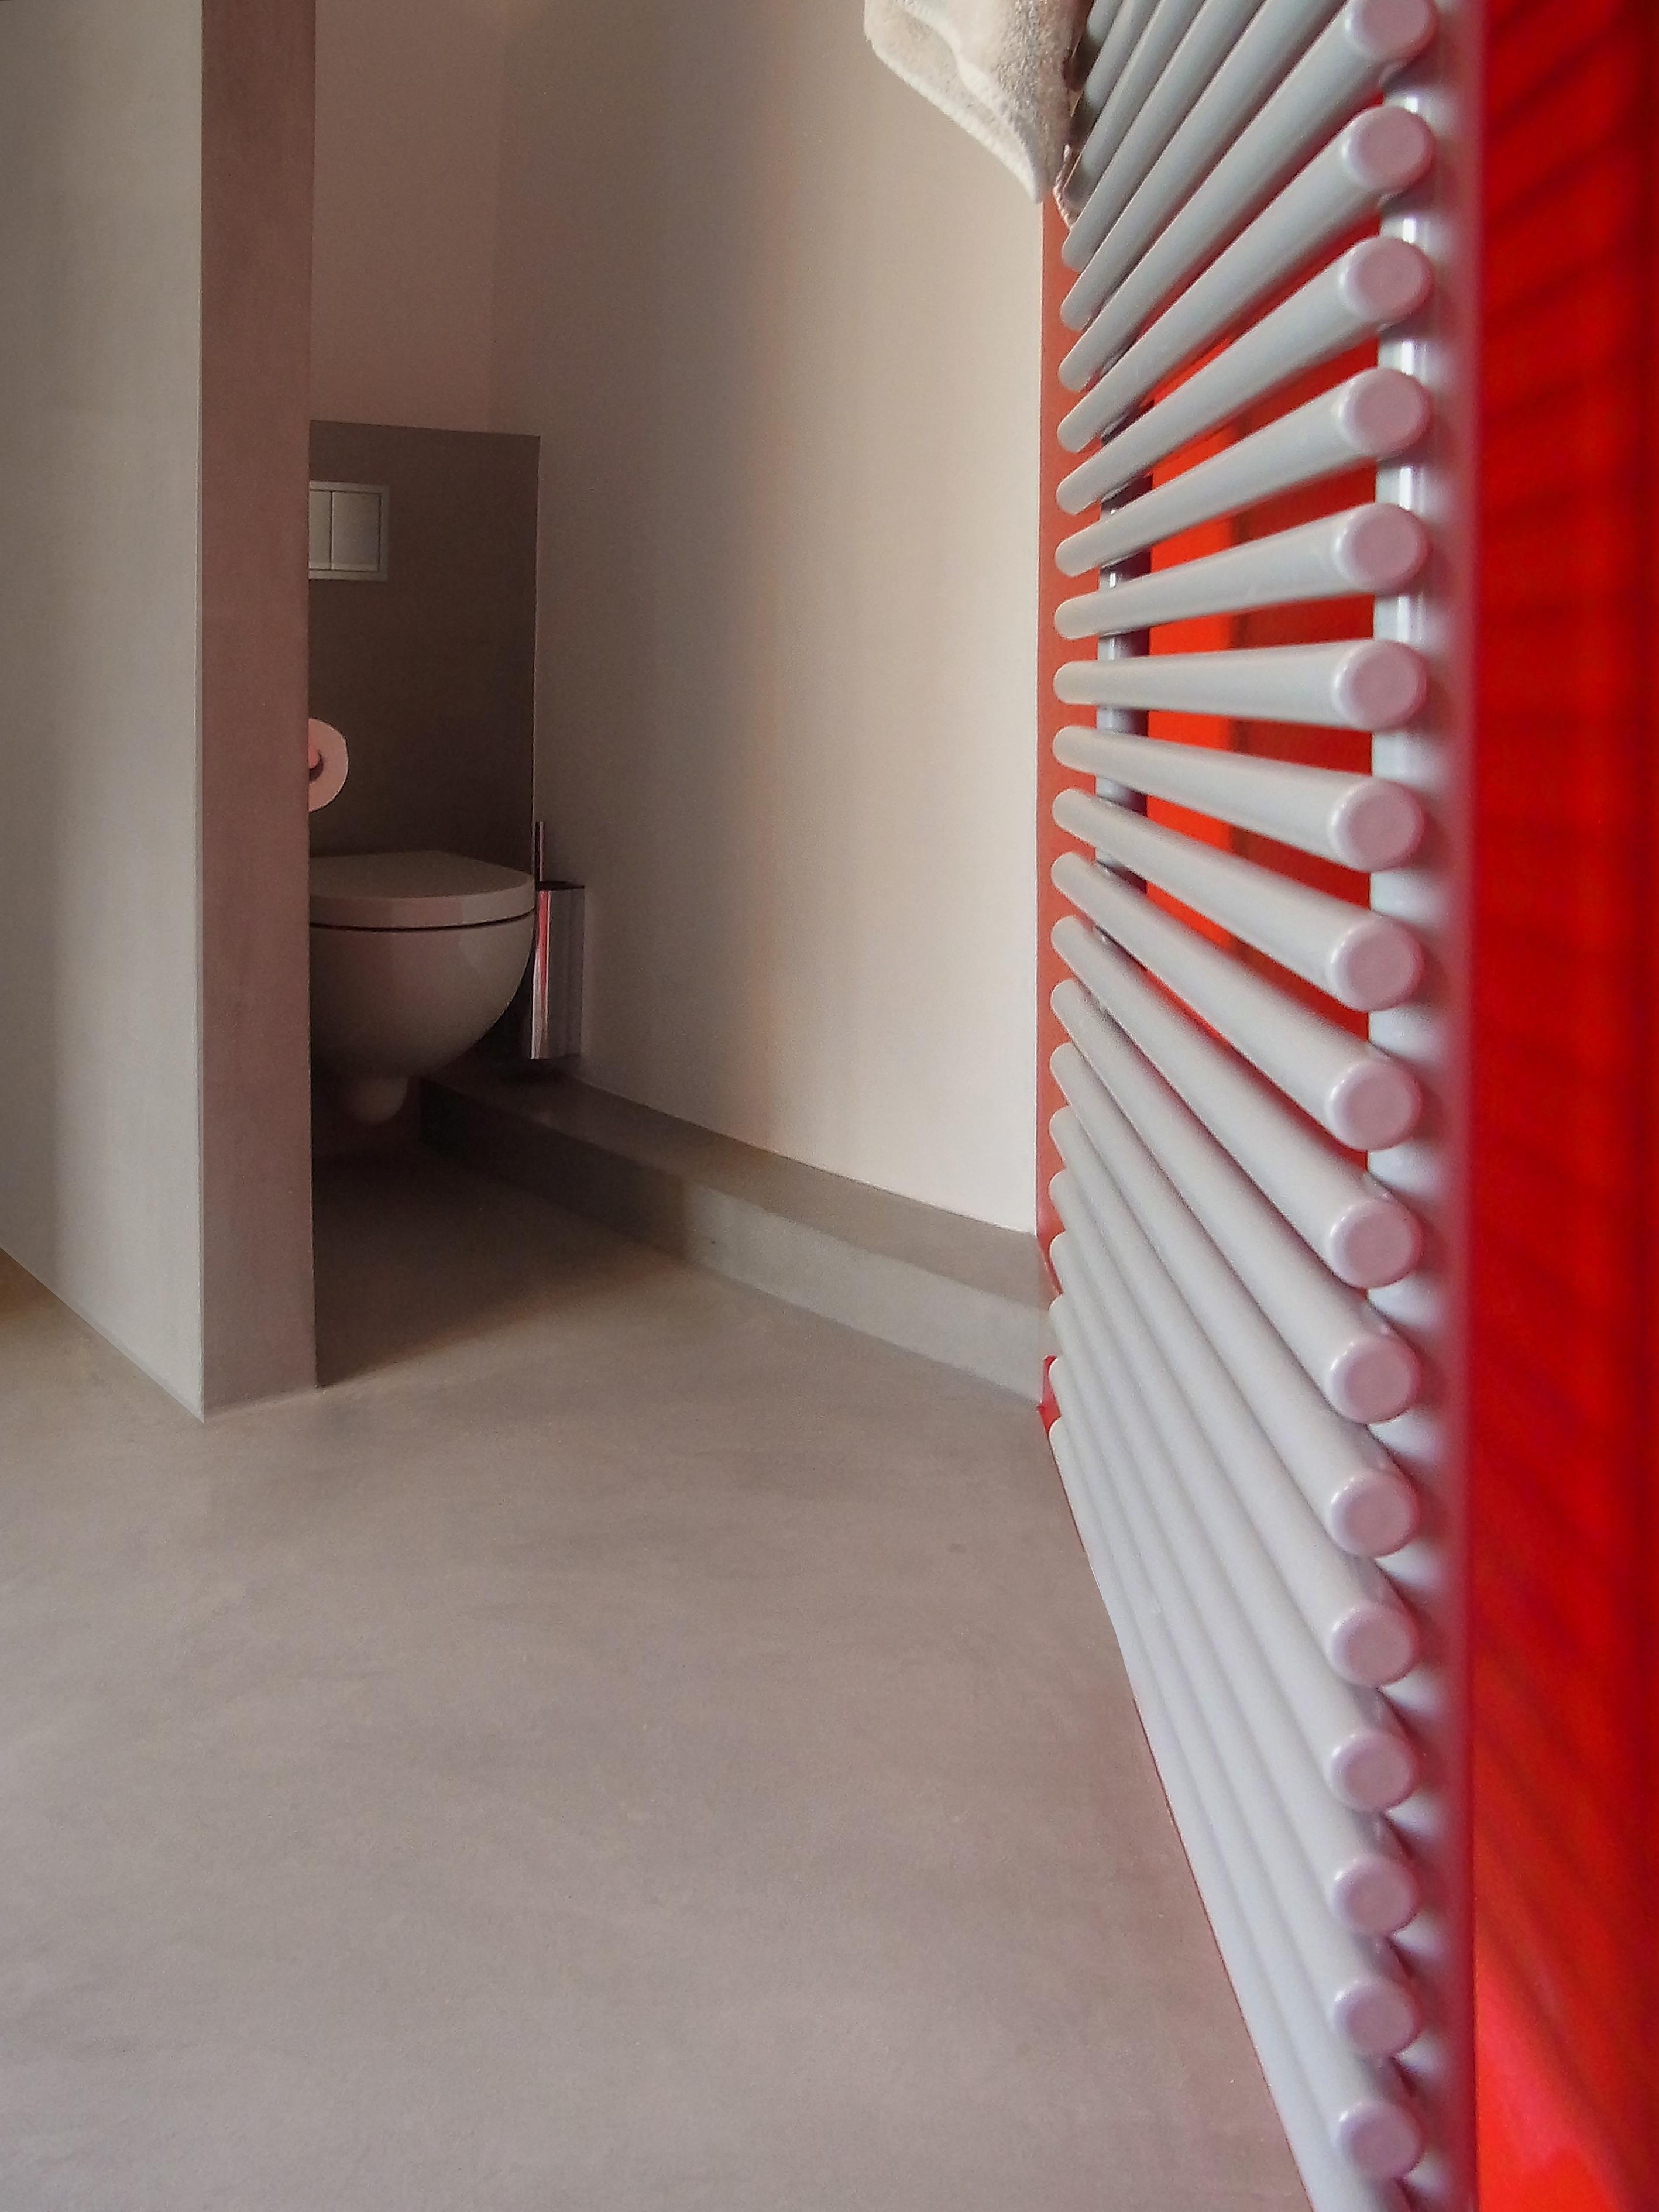 Offenes Badezimmer #offenesbadezimmer #betonciredusche ©MEYLENSTEIN